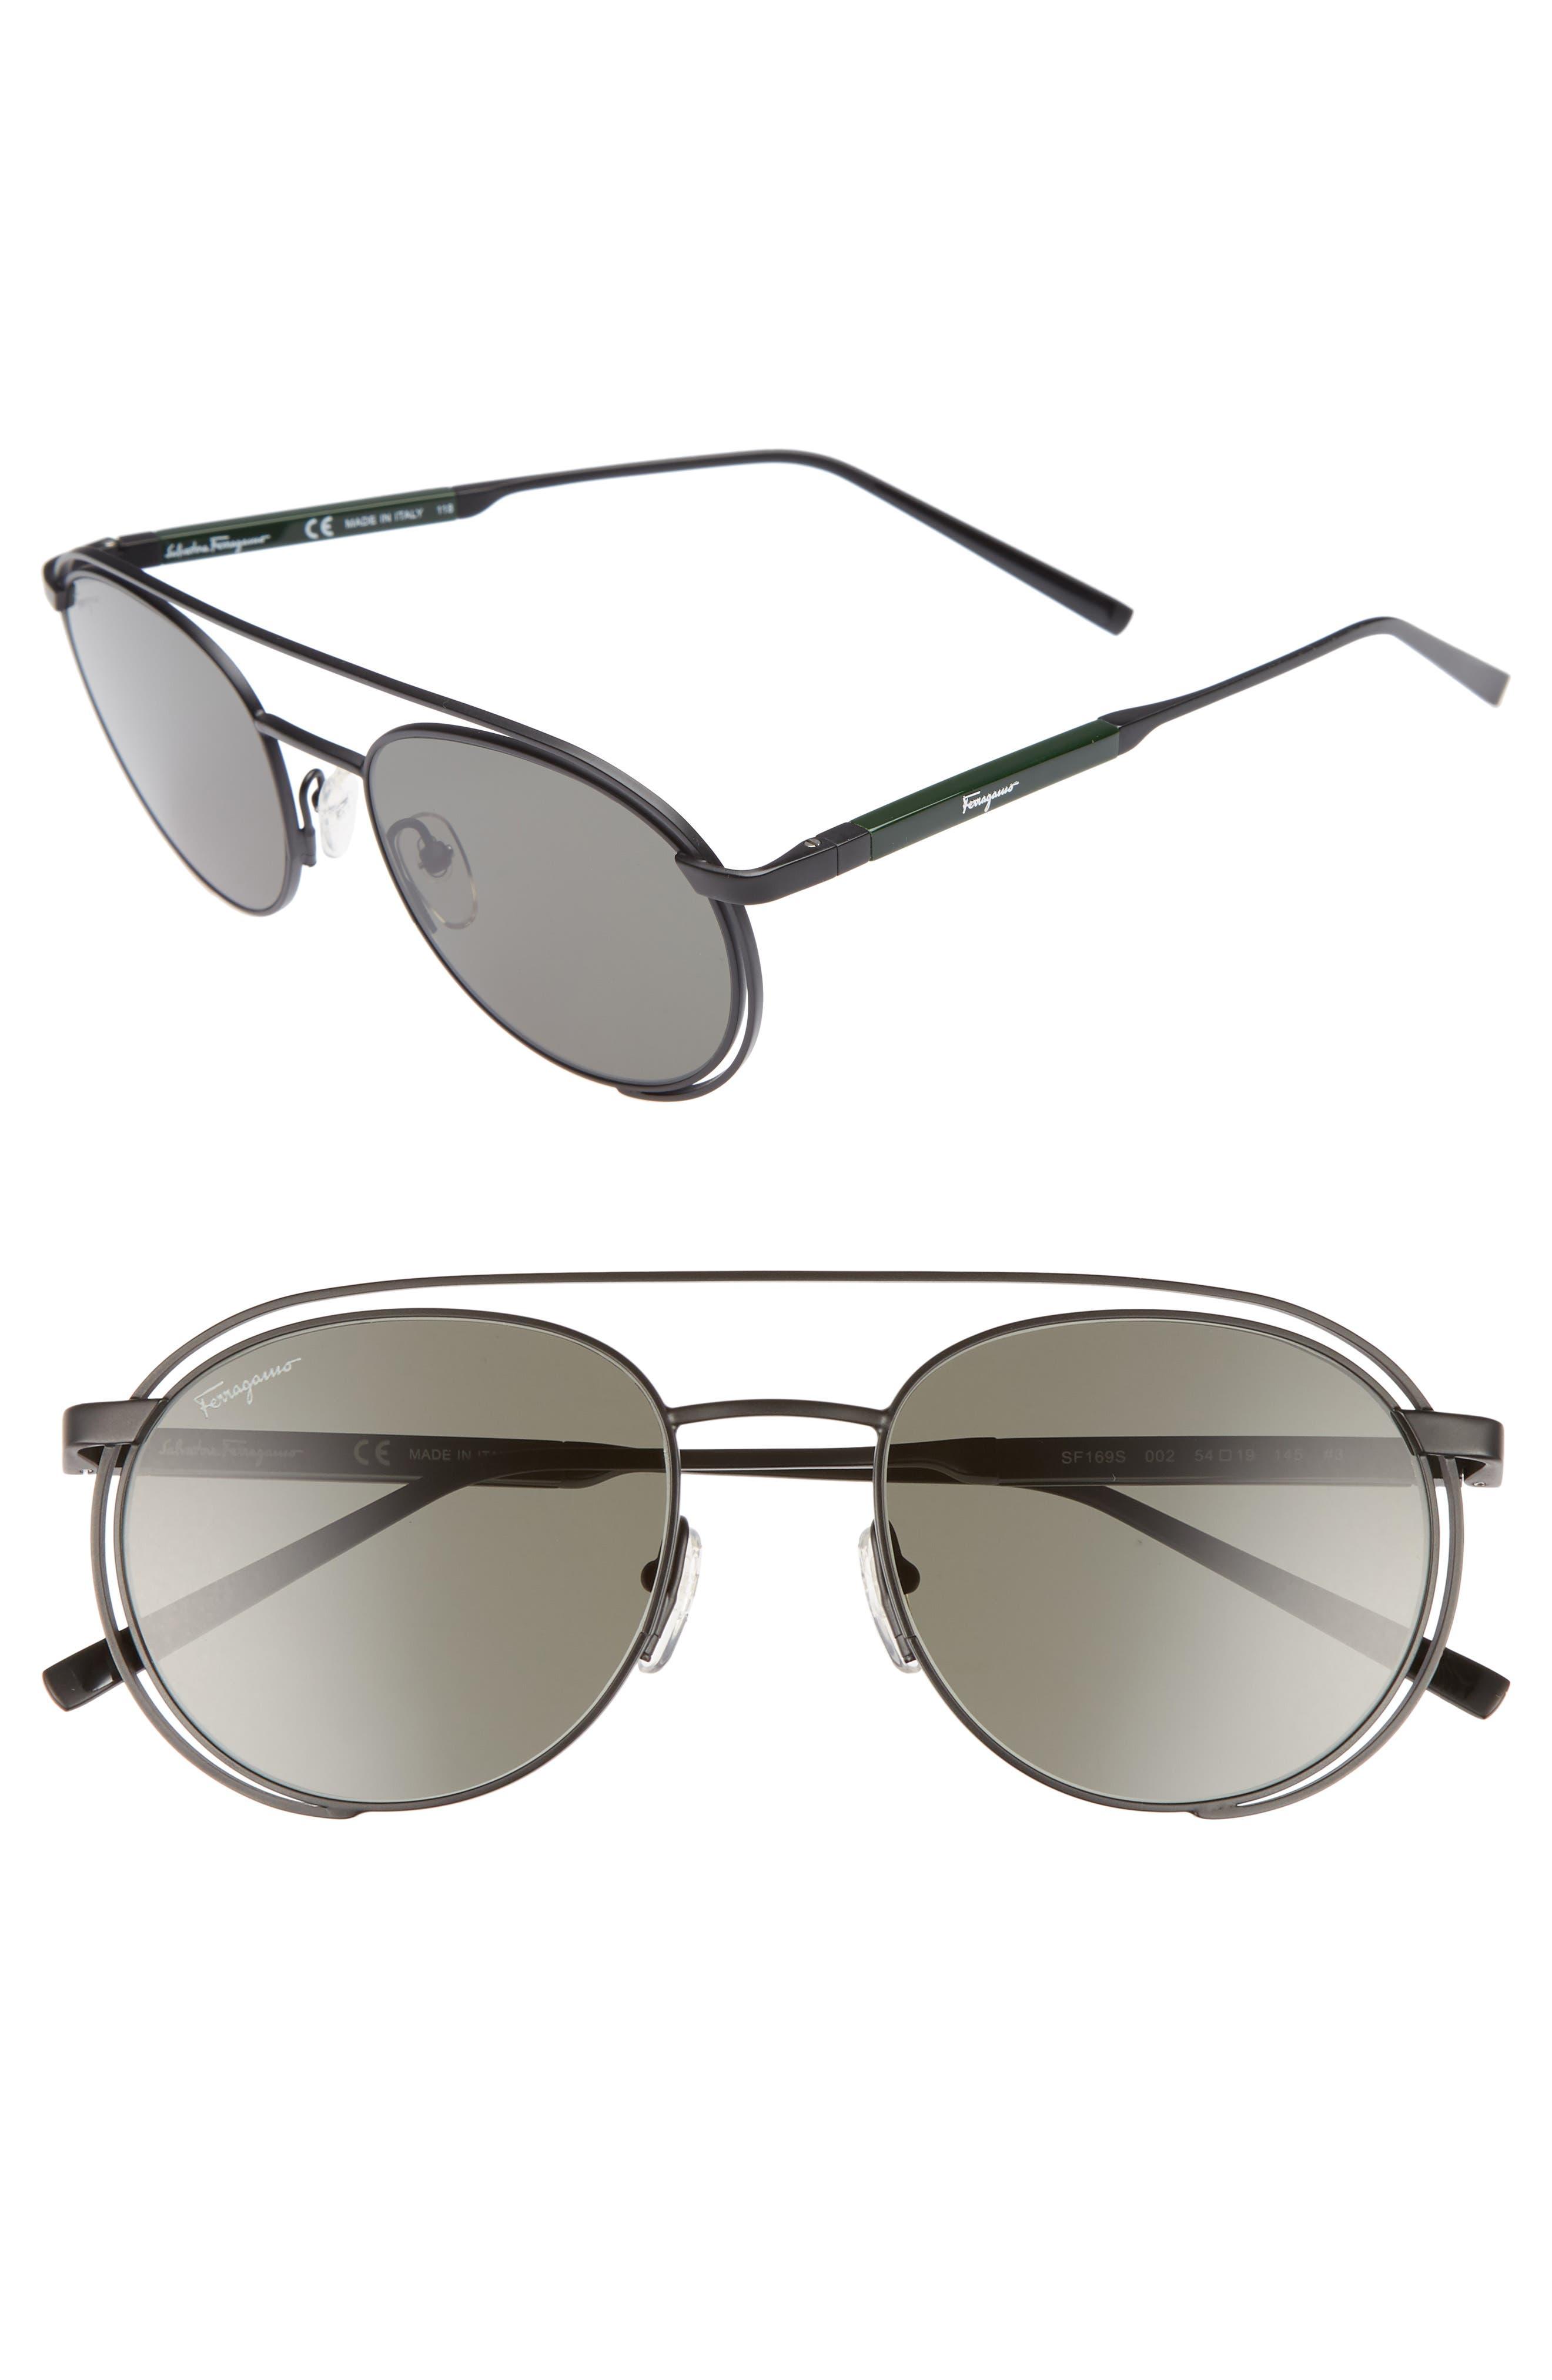 54mm Round Sunglasses,                             Main thumbnail 1, color,                             MATTE BLACK